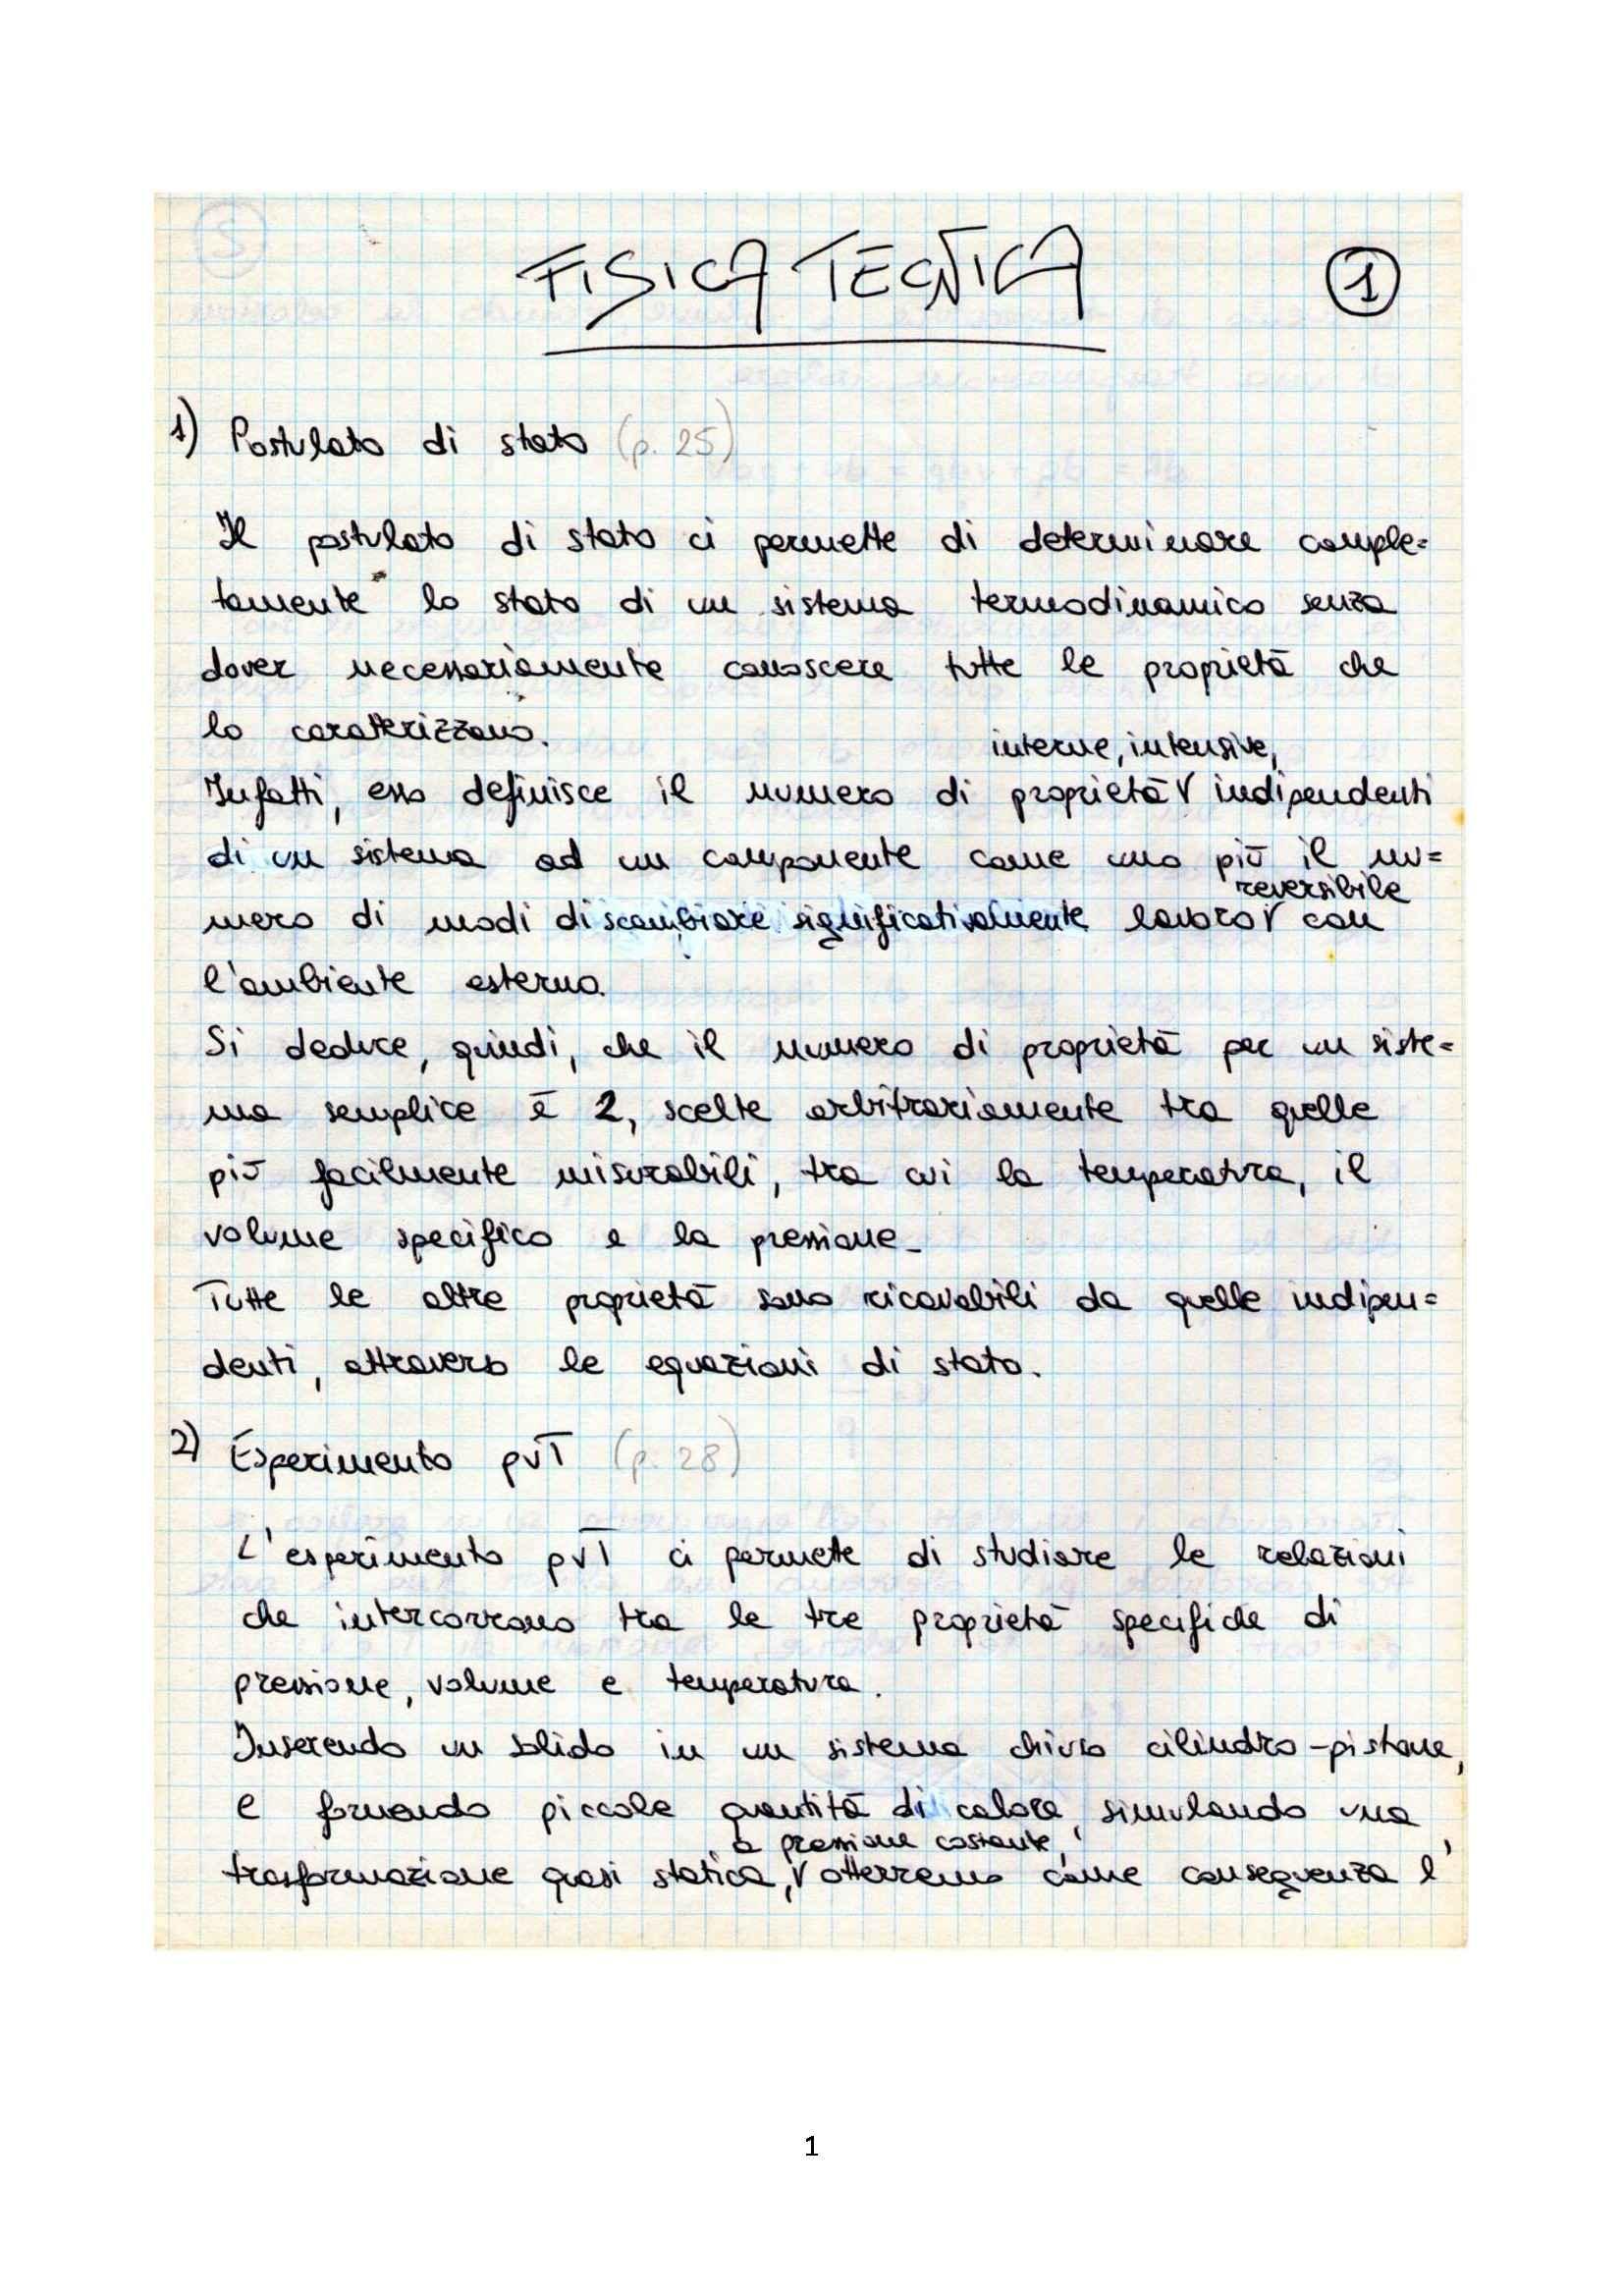 Fisica Tecnica - Schemi riassuntivi del programma completo, prof. Polonara